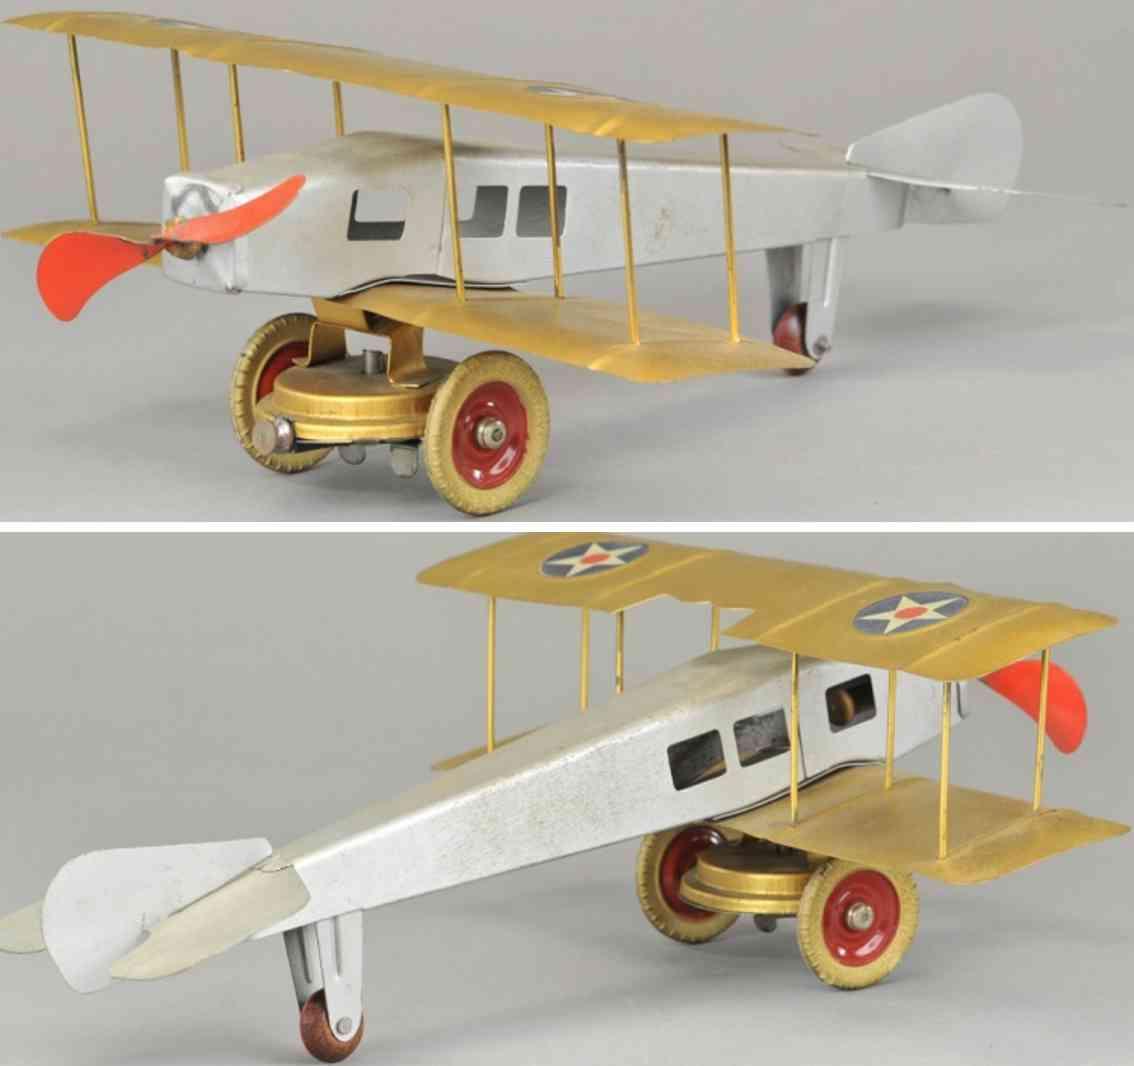 kingsbury toys pressed steel toy airplane bi-plane